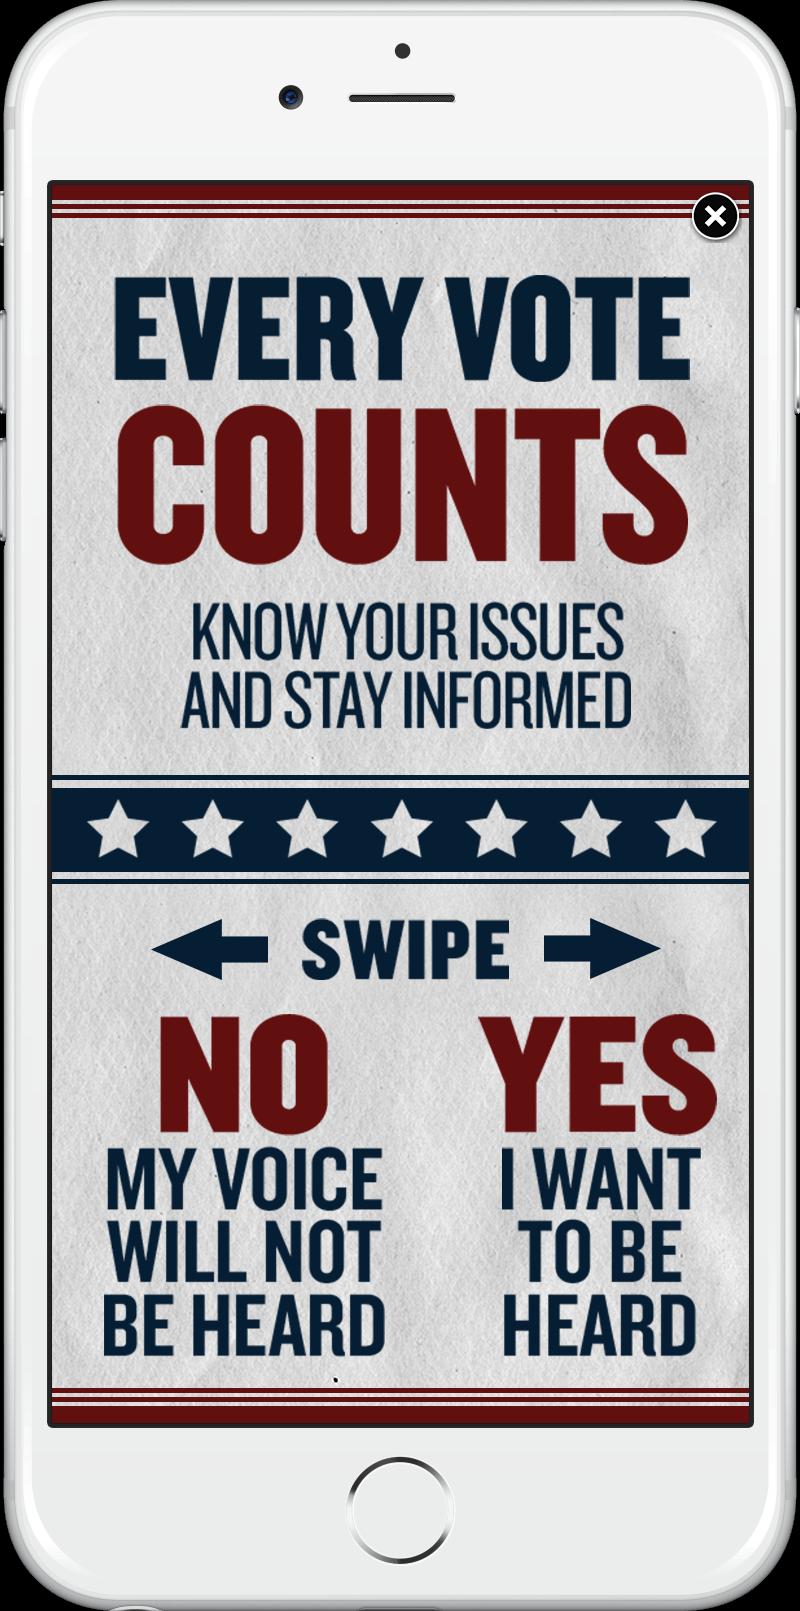 politics-target-voters